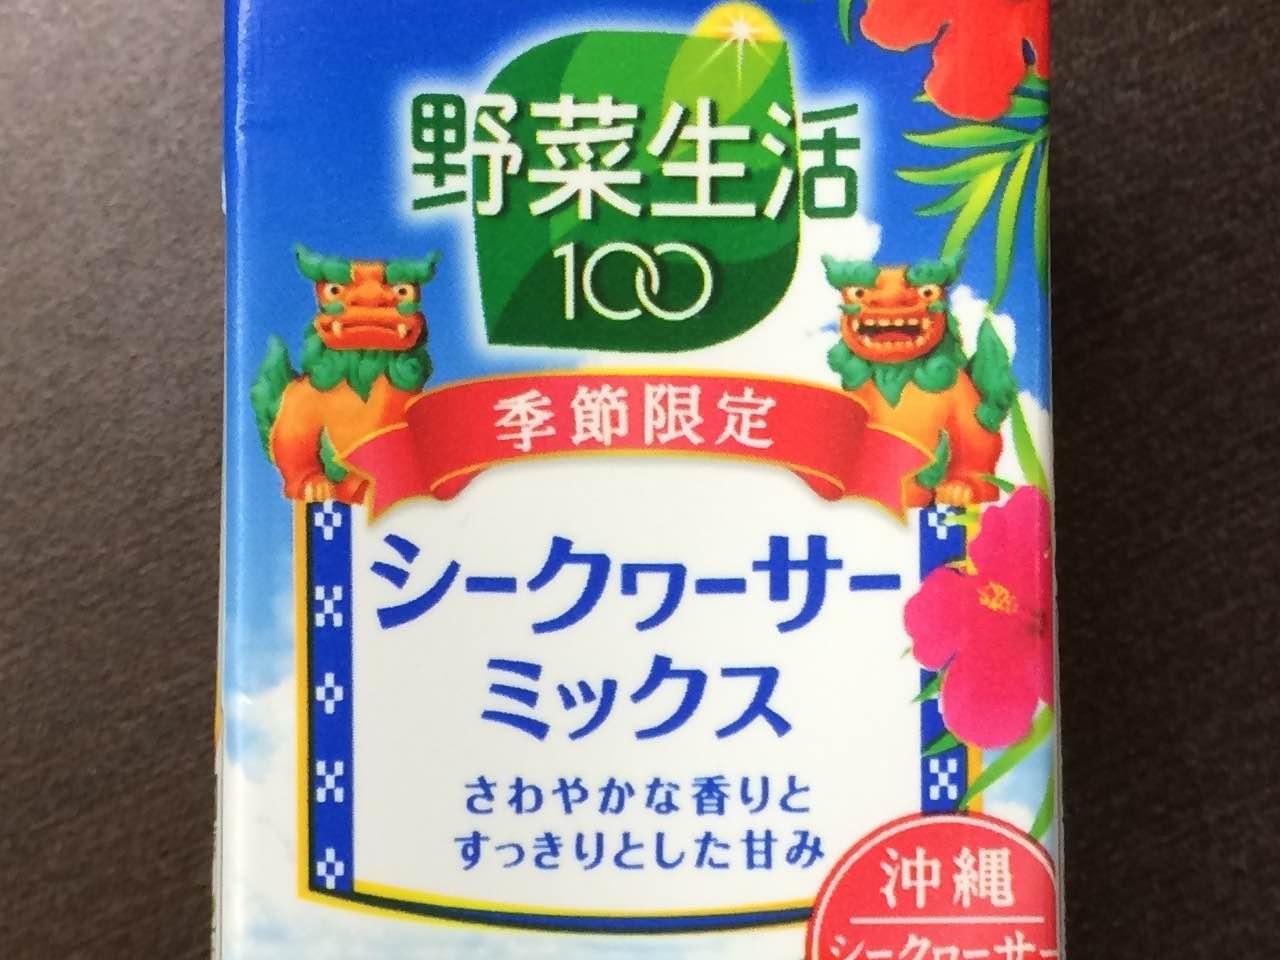 野菜生活100 シークヮーサーミックス